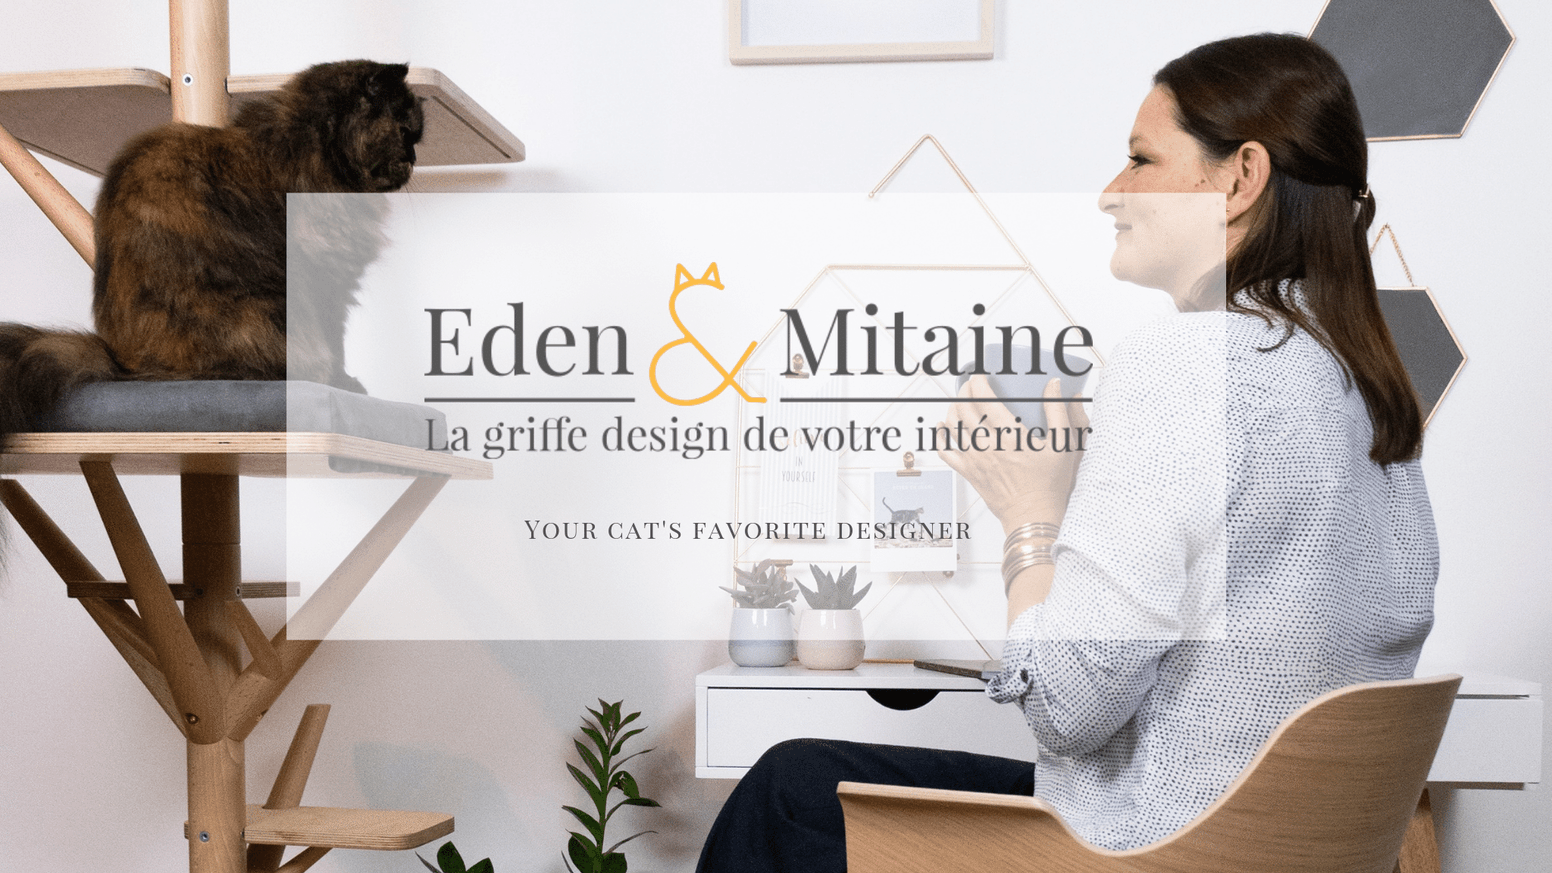 Designed furniture for home and cat well-being / Sublimez votre maison tout en améliorant le bien-être de votre chat.